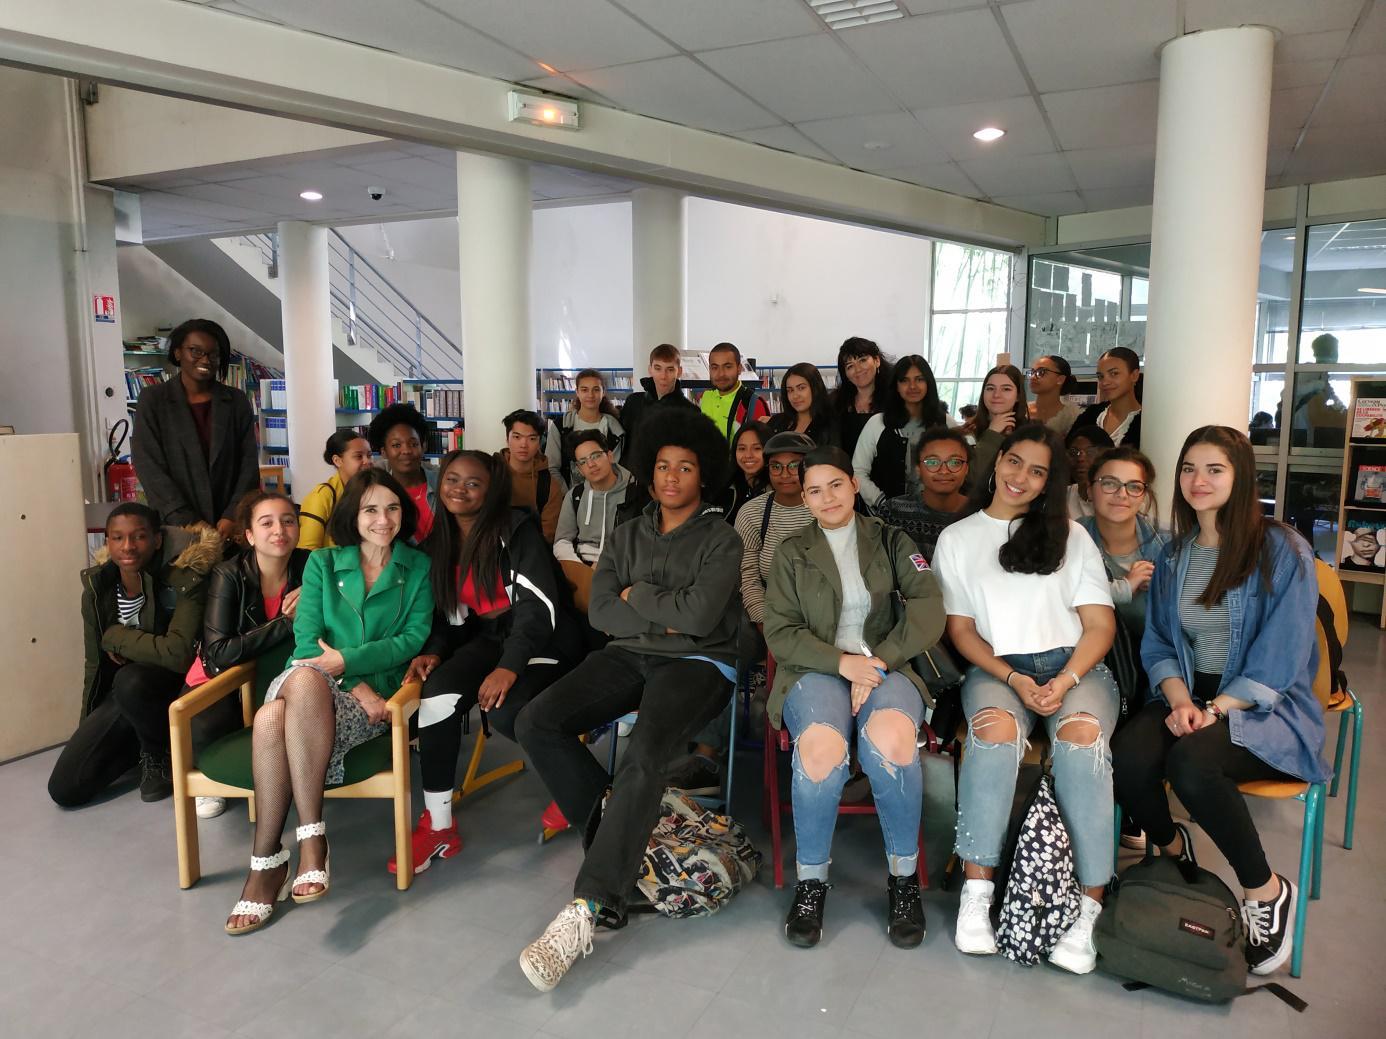 Rencontre littéraire : Natalia Ginzburg au lycée Suger !